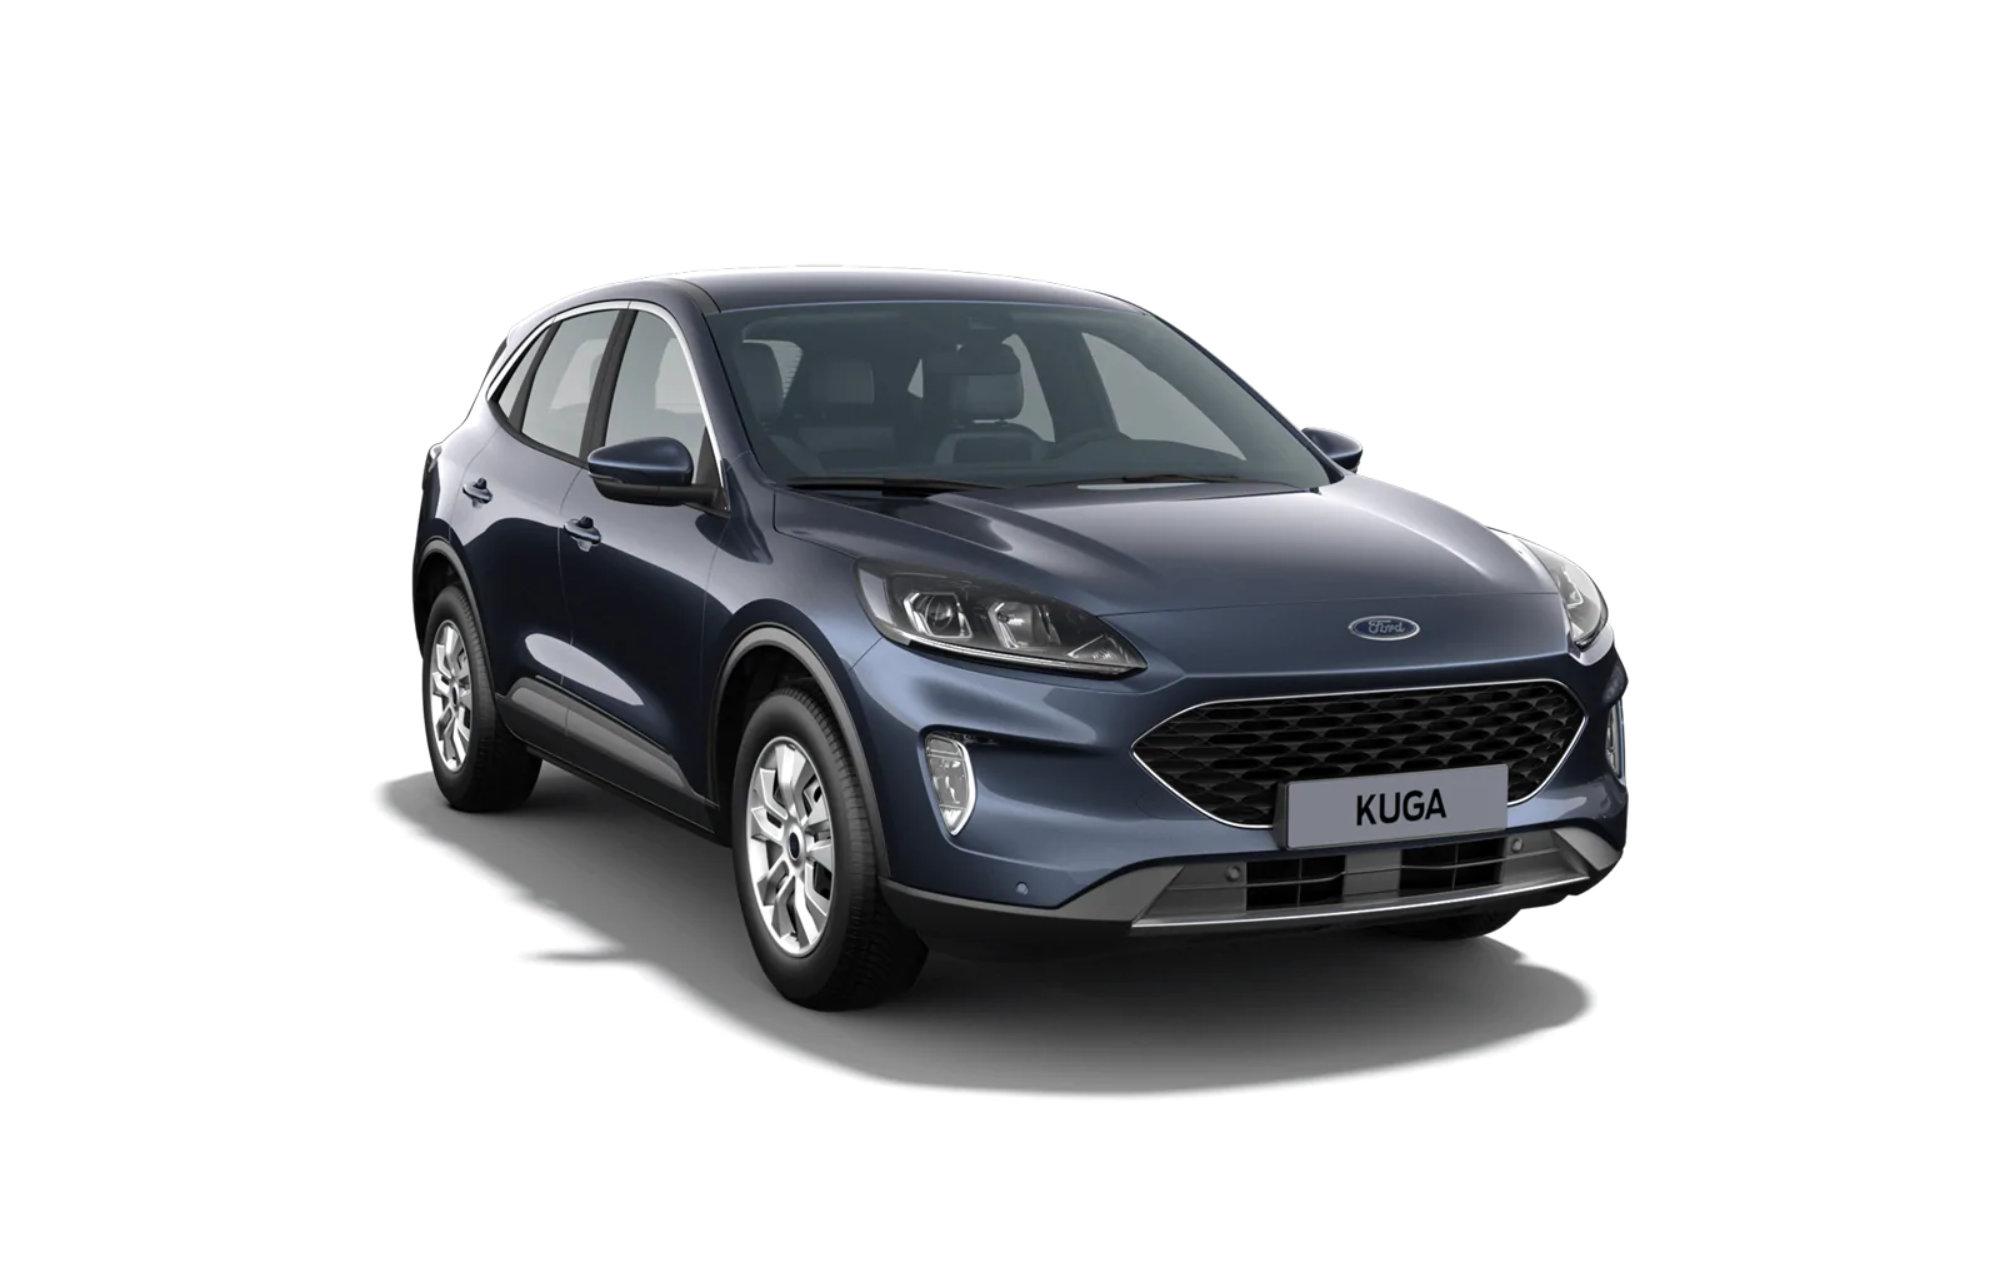 Ford Nowy Kuga - Nowe samochody Ford od Auto Motive ...